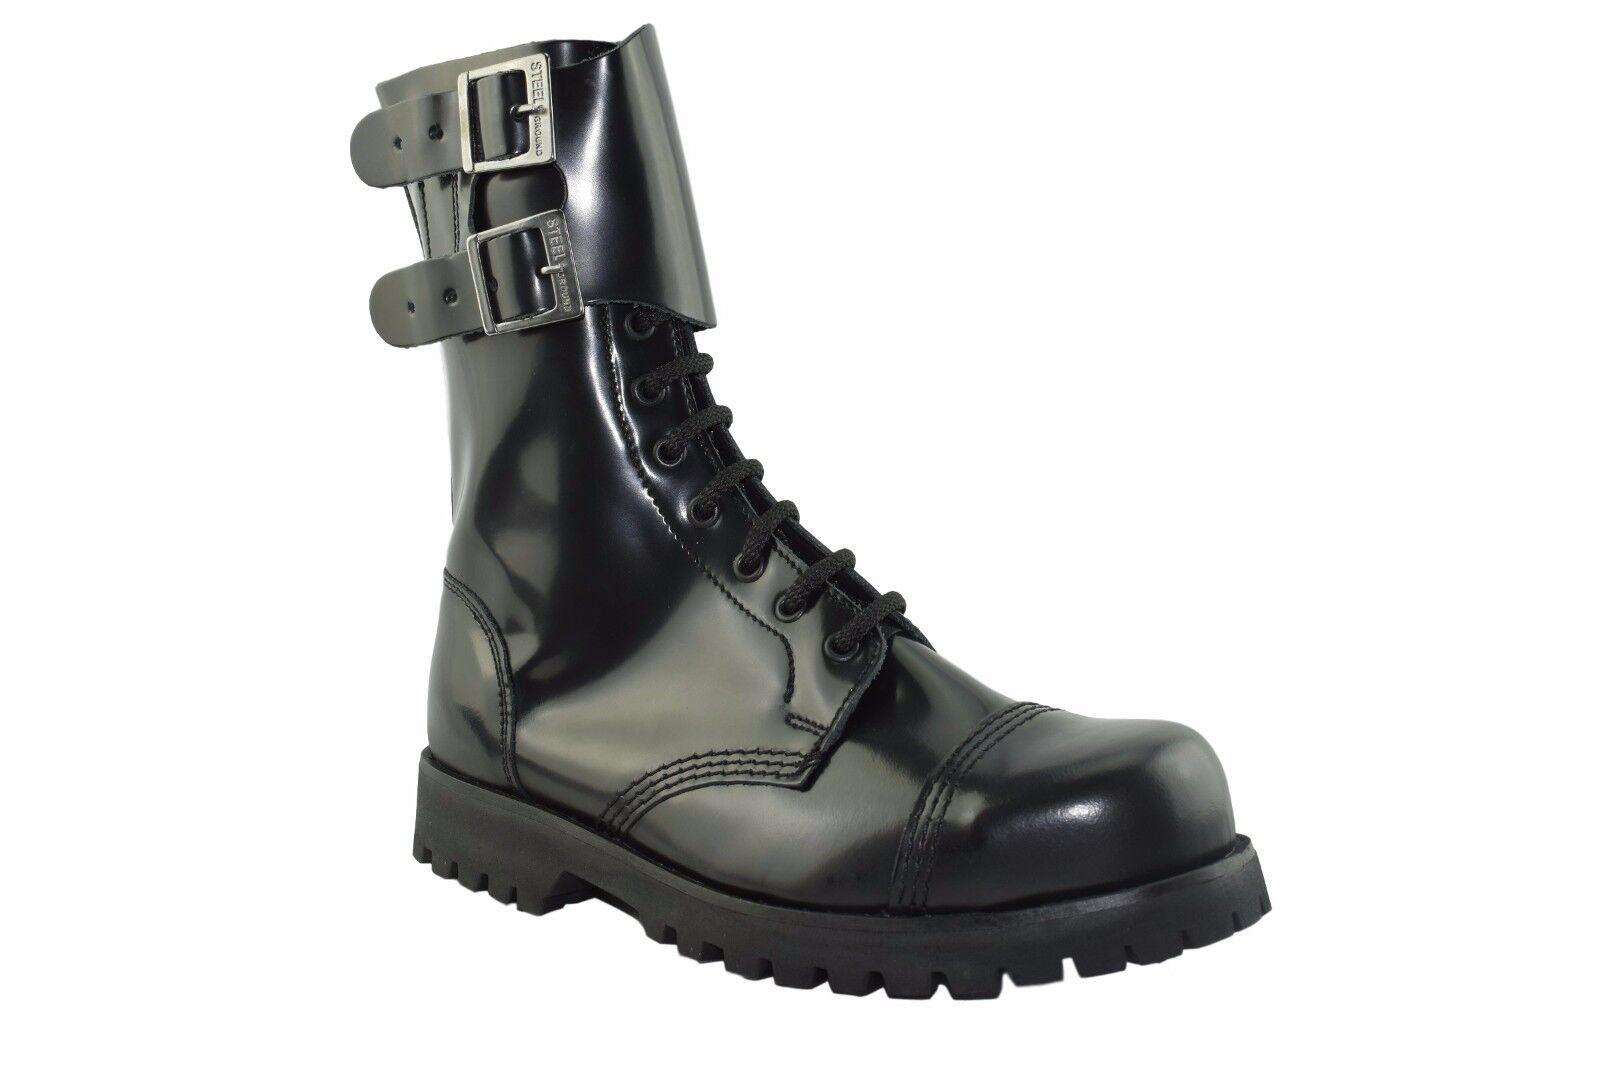 Tierra De Acero Cuero Negro botas De Combate 10 Ojal 2 Correas Hebilla St129Z178 Rock